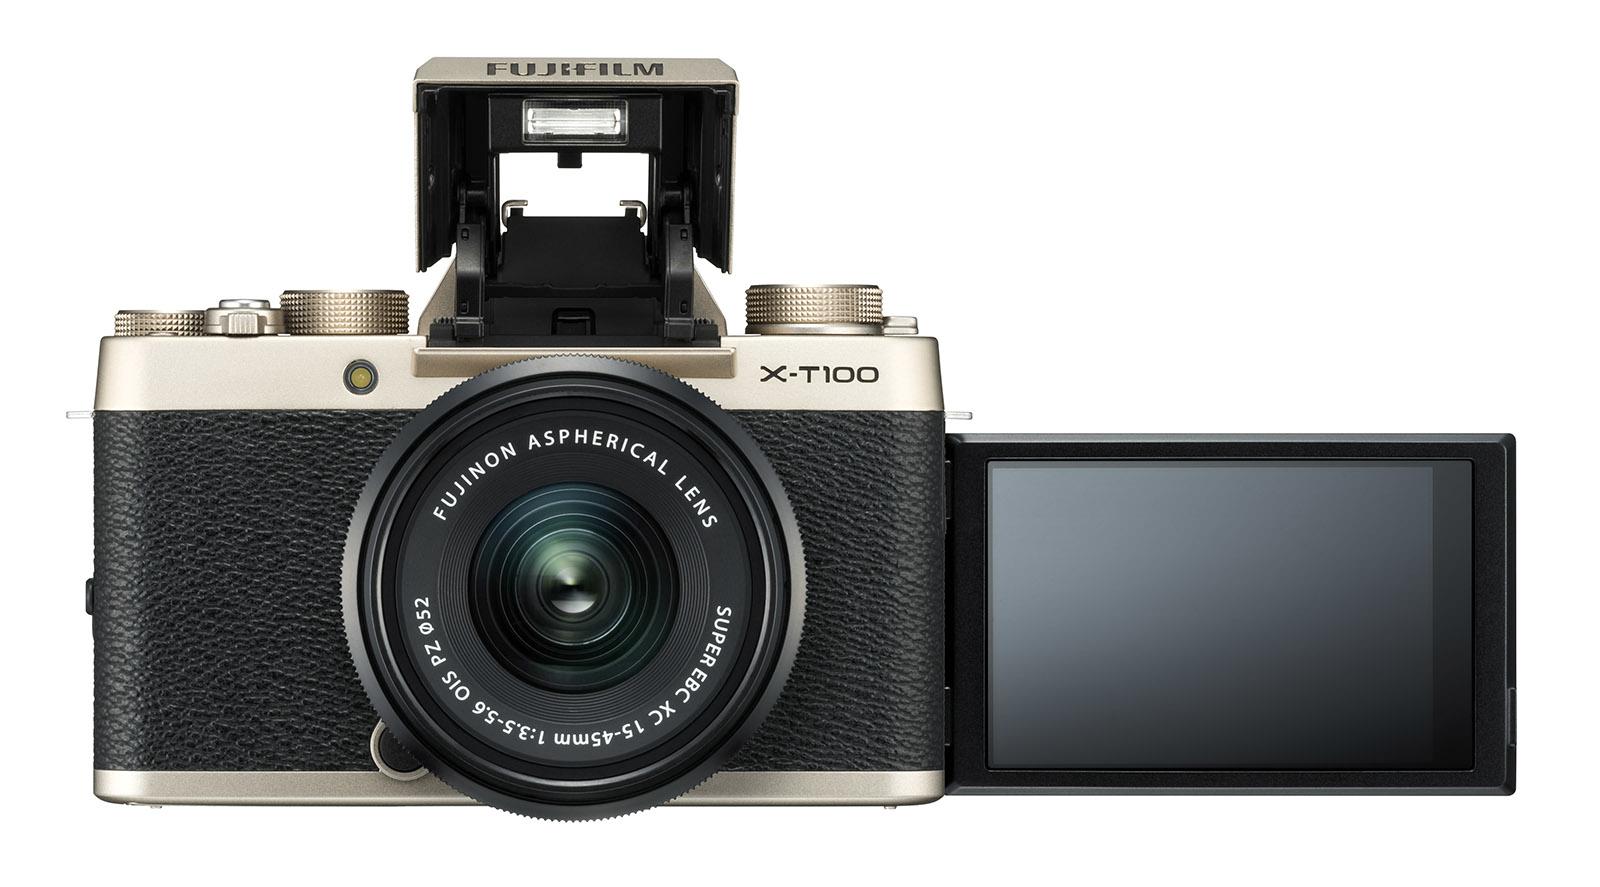 Fujifilm vừa hé lộ X-T100 - một chiếc máy ảnh không gương lật khá thú vị với cấu hình tương tự mẫu giá rẻ X-A5, nhưng lại có ngoại hình giống X-T20.